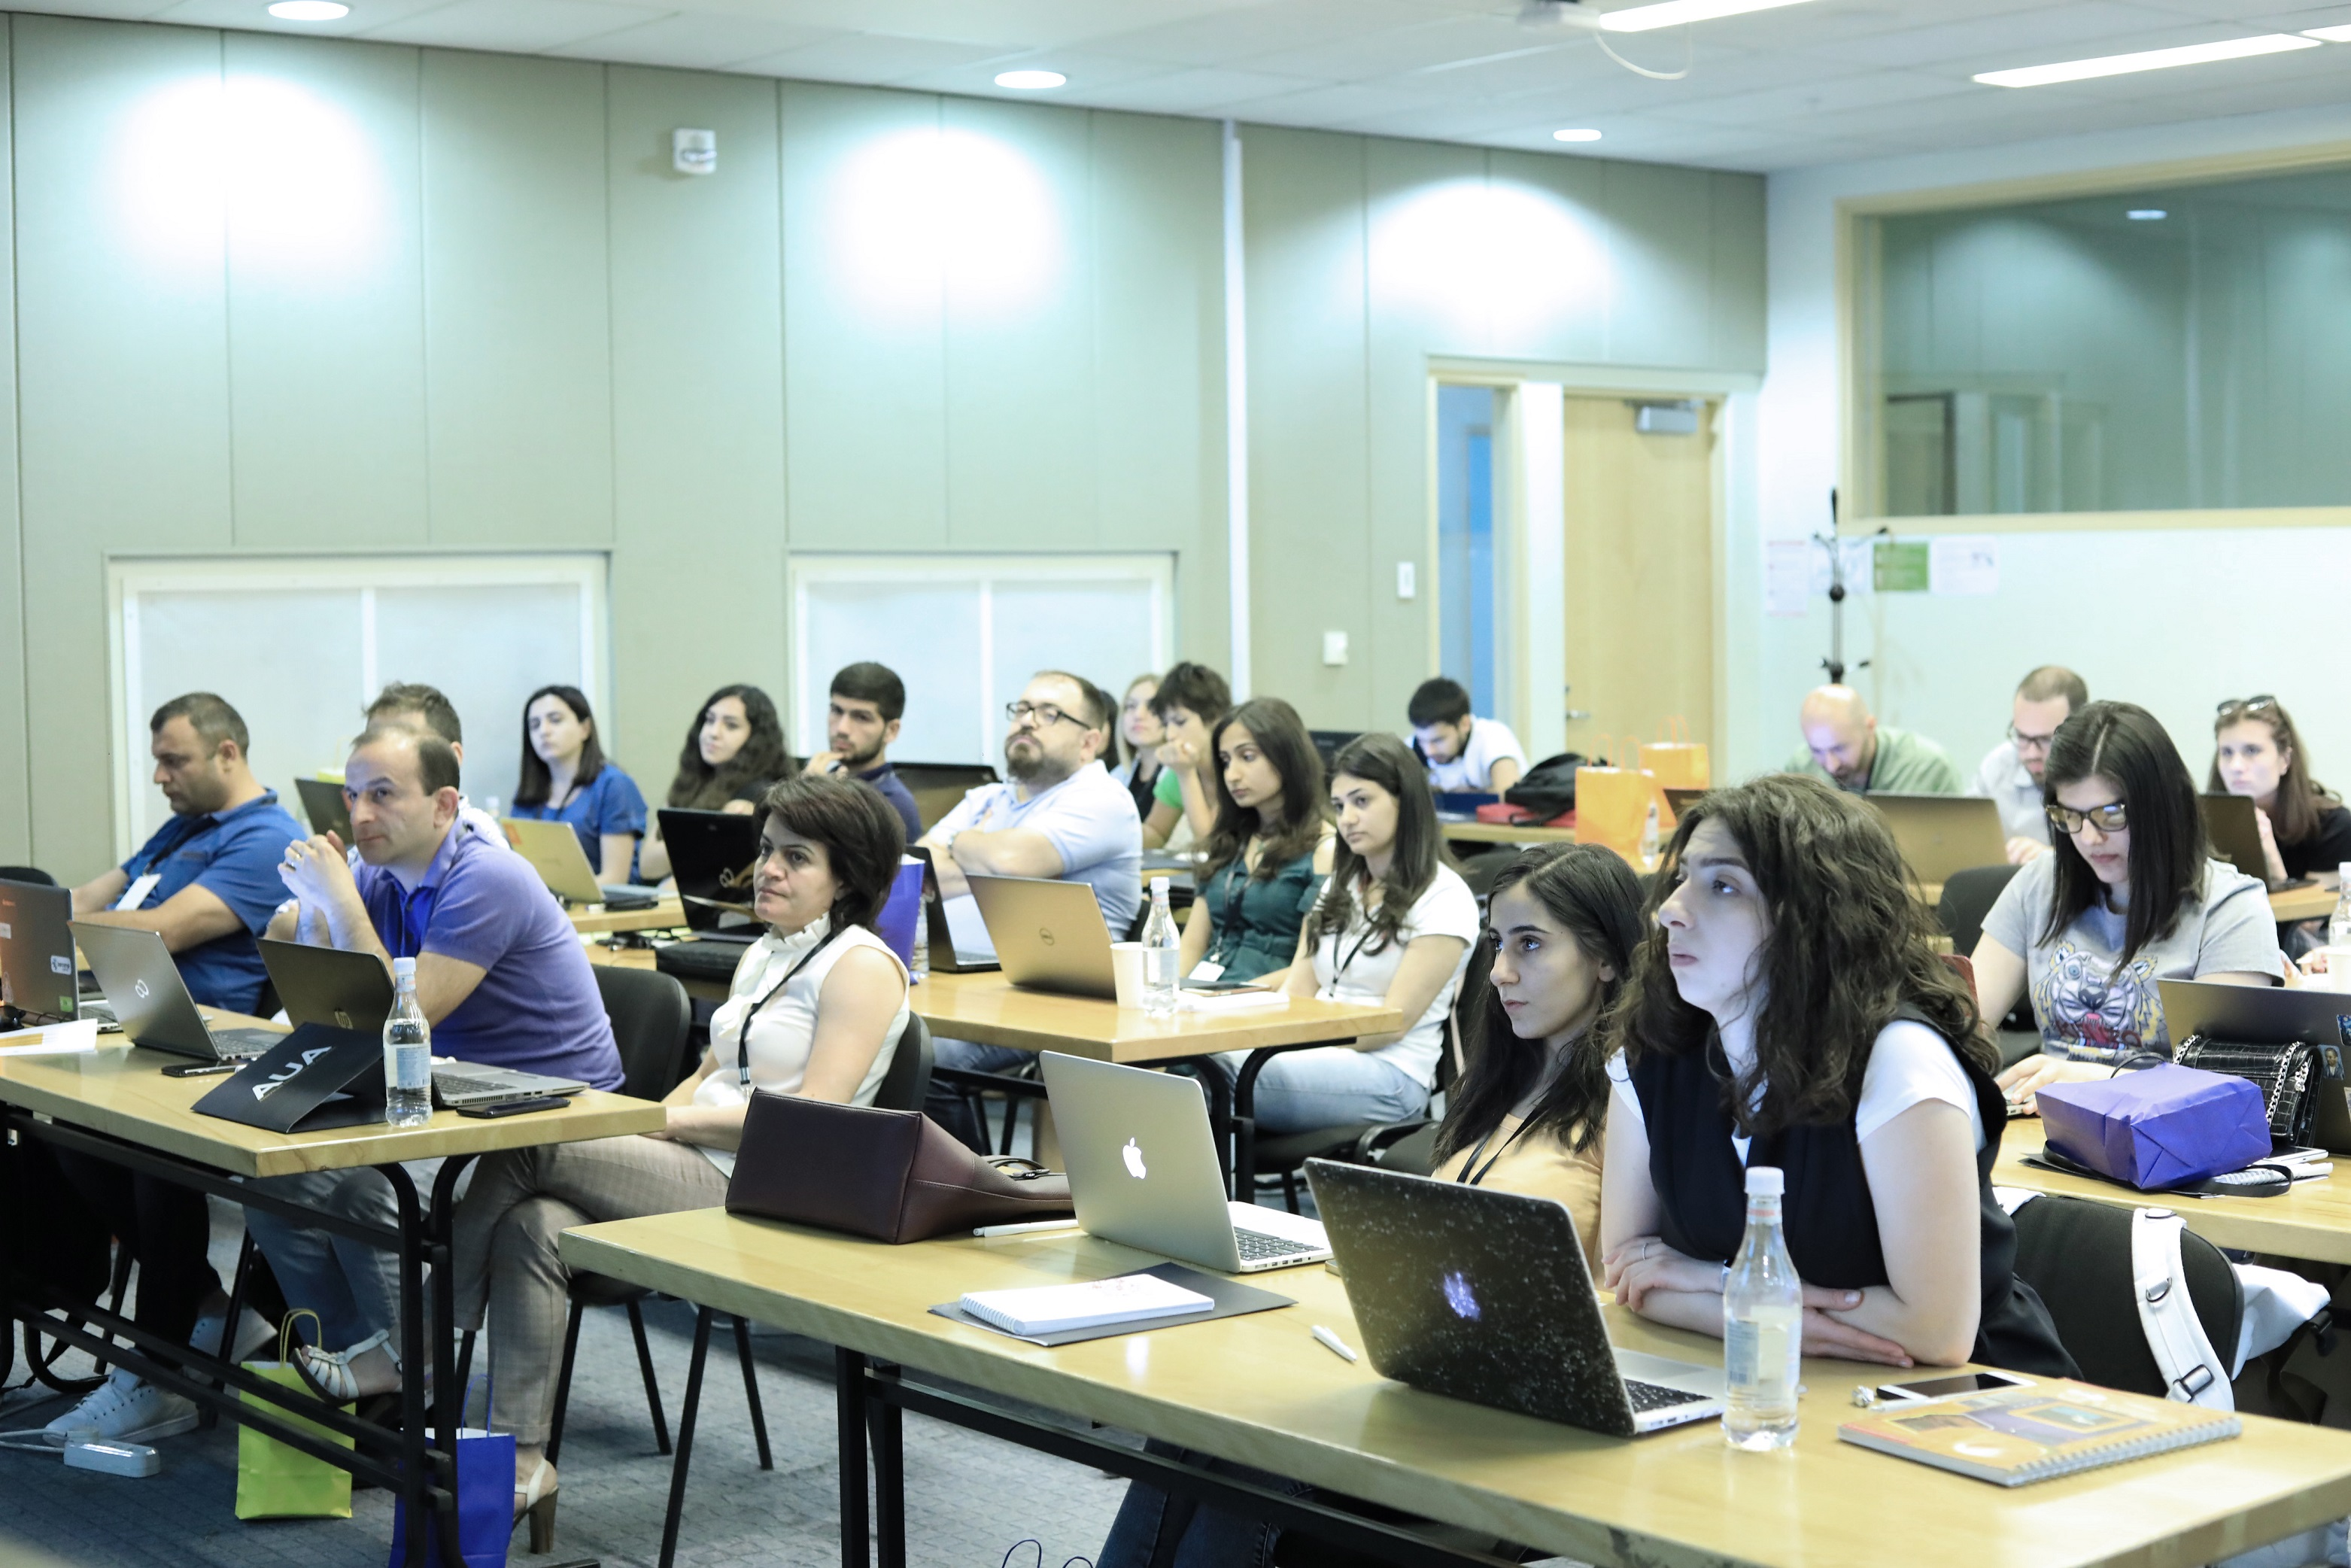 Beeline. Հայաստանի ամերիկյան համալսարանում մեկնարկեց «Տվյալագիտության ամառային դպրոց 2019»-ը